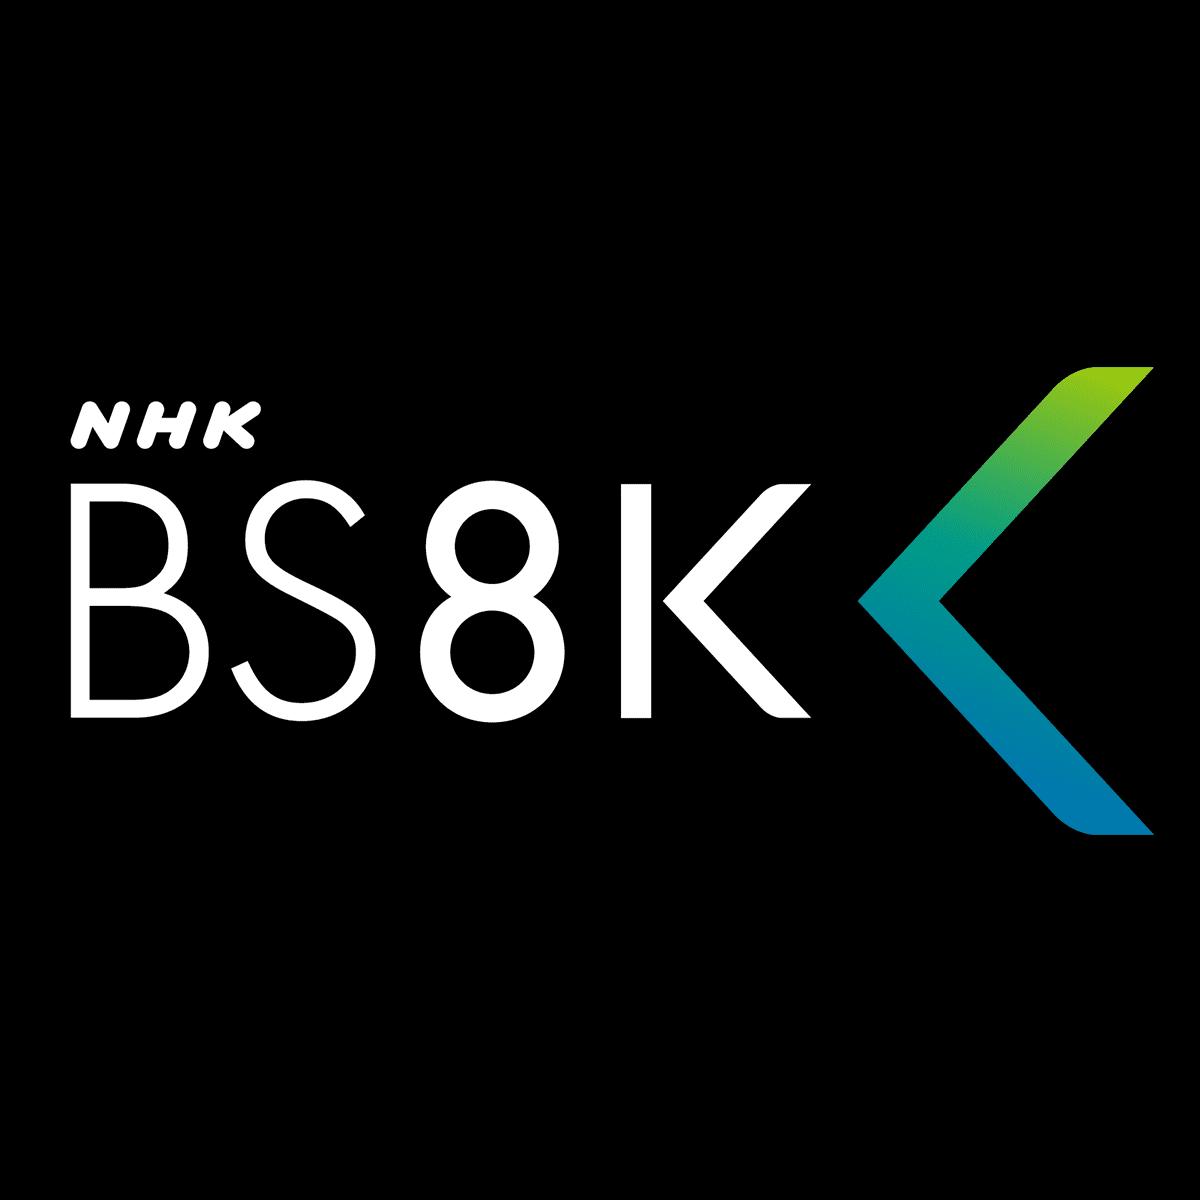 画像: NHK BS8K|NHK